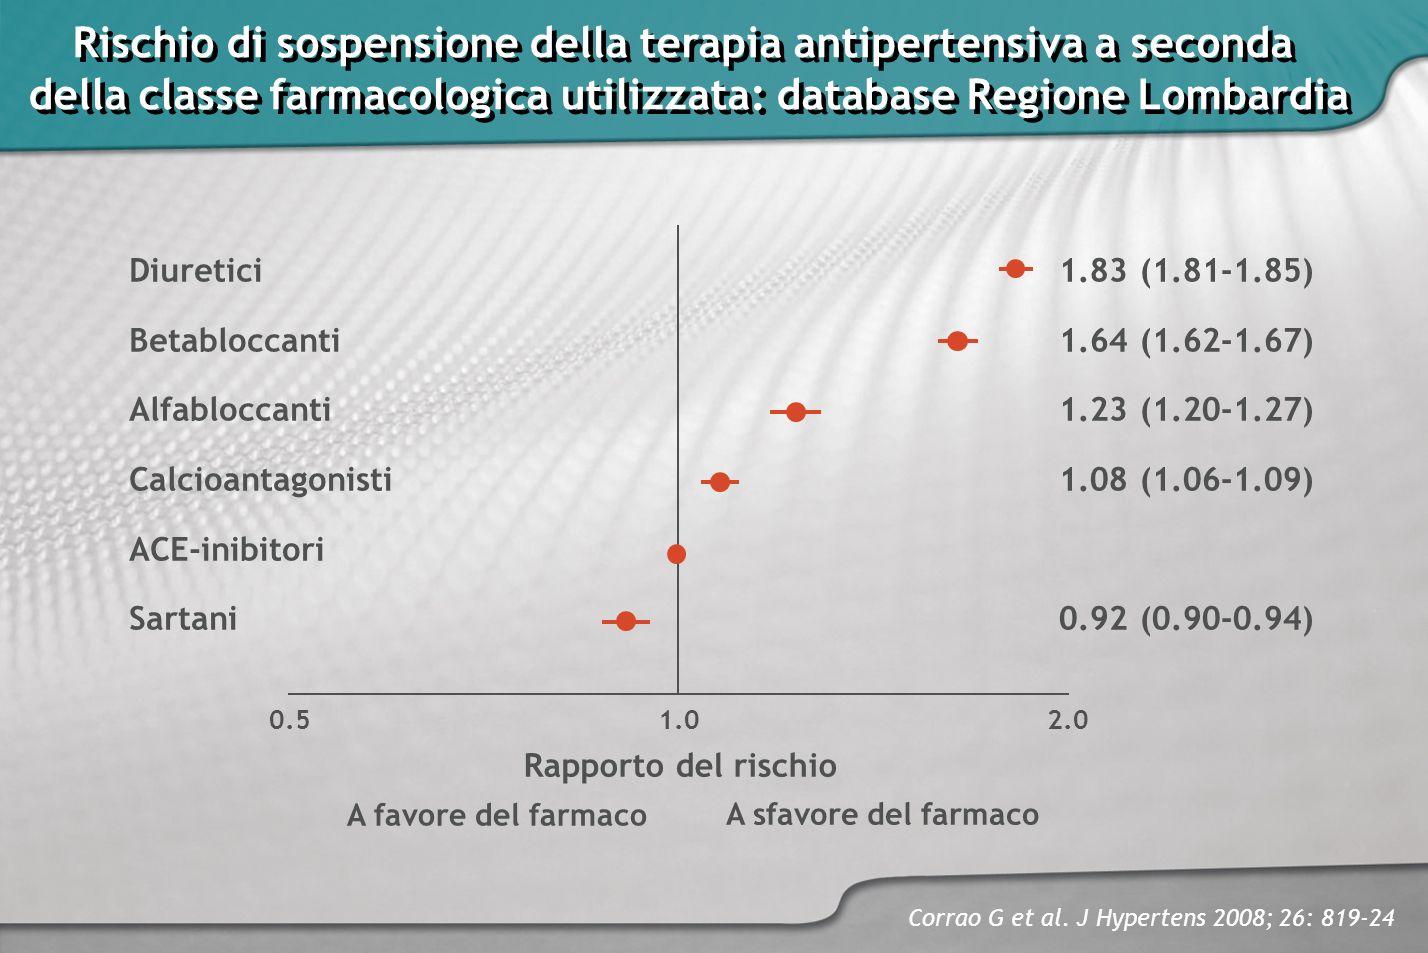 Rischio di sospensione della terapia antipertensiva a seconda della classe farmacologica utilizzata: database Regione Lombardia Rischio di sospensione